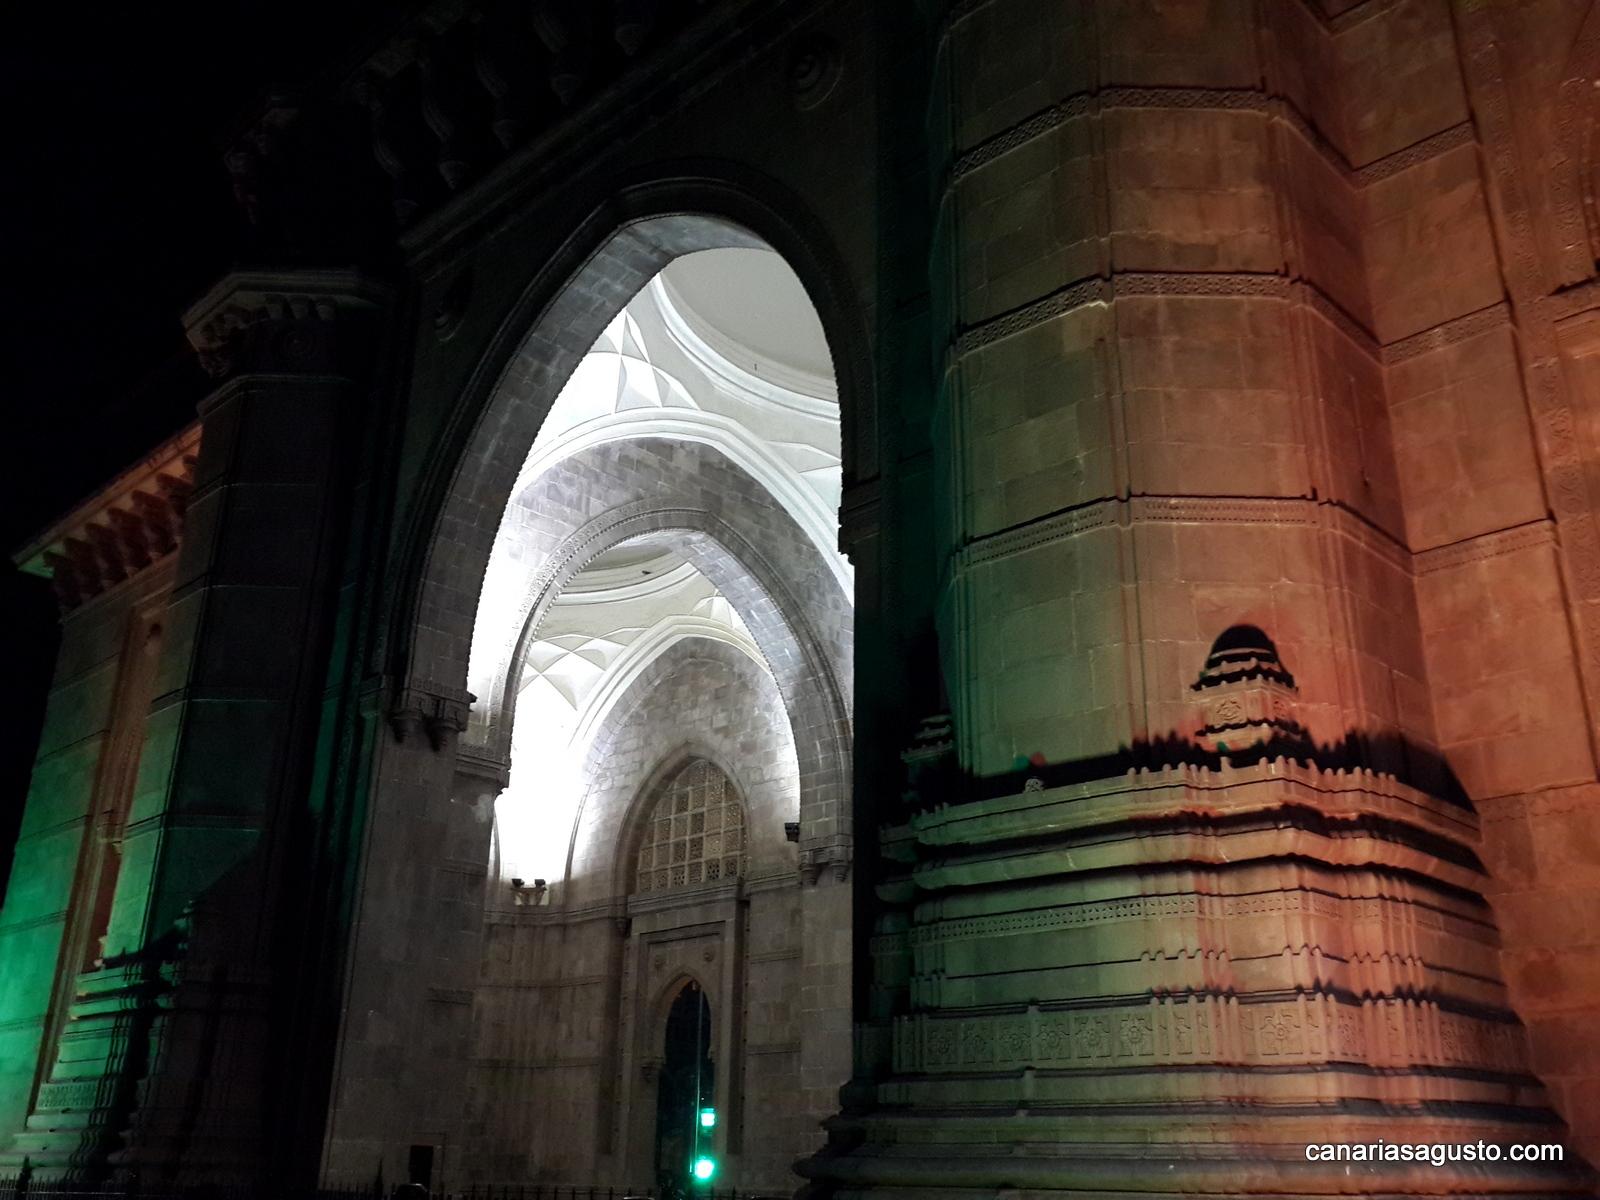 Puerta de la india bombay agusto en canarias - Arquitectura interior ...